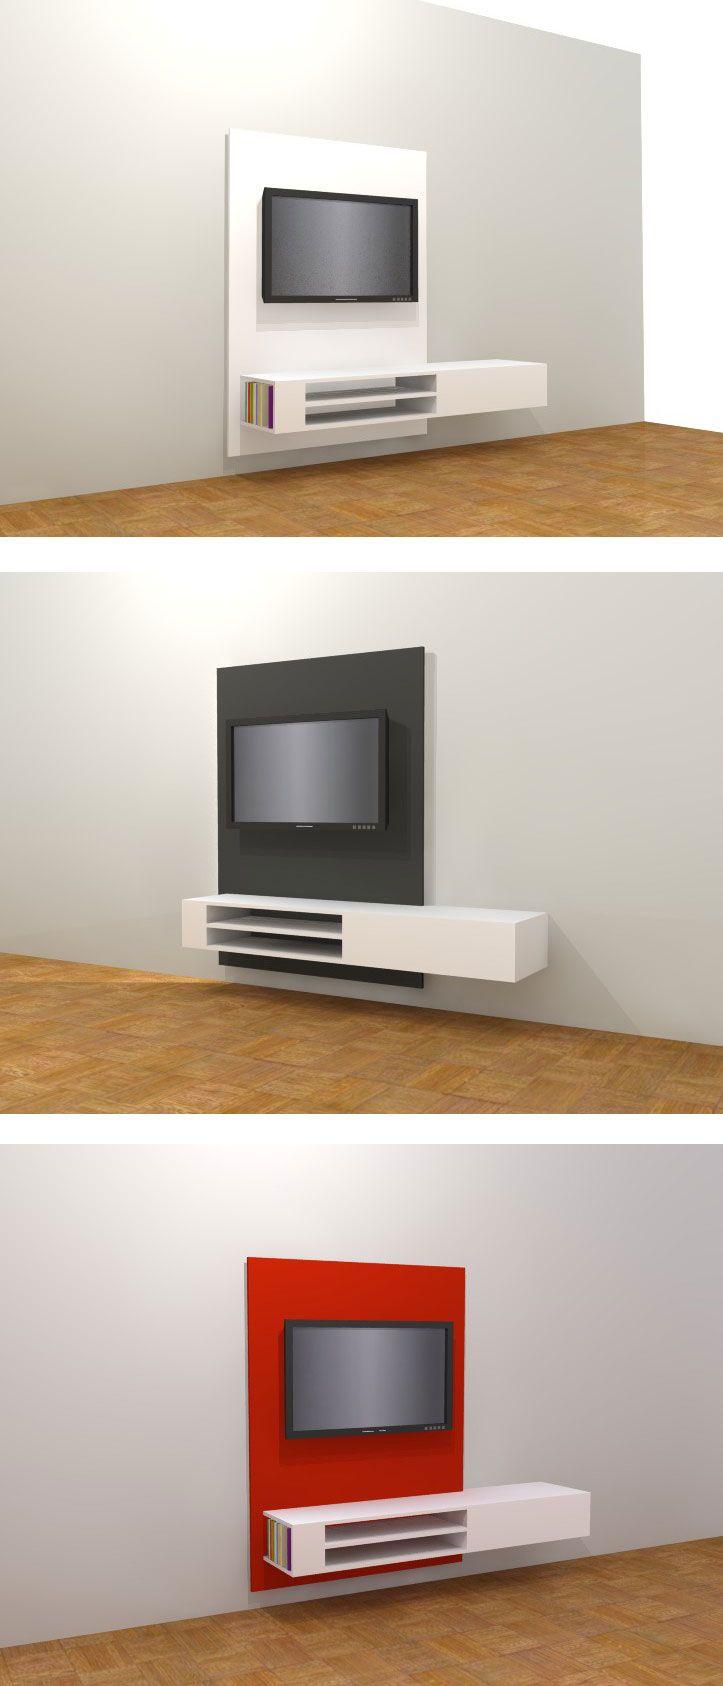 Floating TV-stand / cabinet 'Jordi'. Modern DIY, Design by NeoEko. | Hangend TV-meubel 'Jordi' om zelf te bouwen. Modern tv-meubel om zelf te maken. Meubelwerktekening.nl